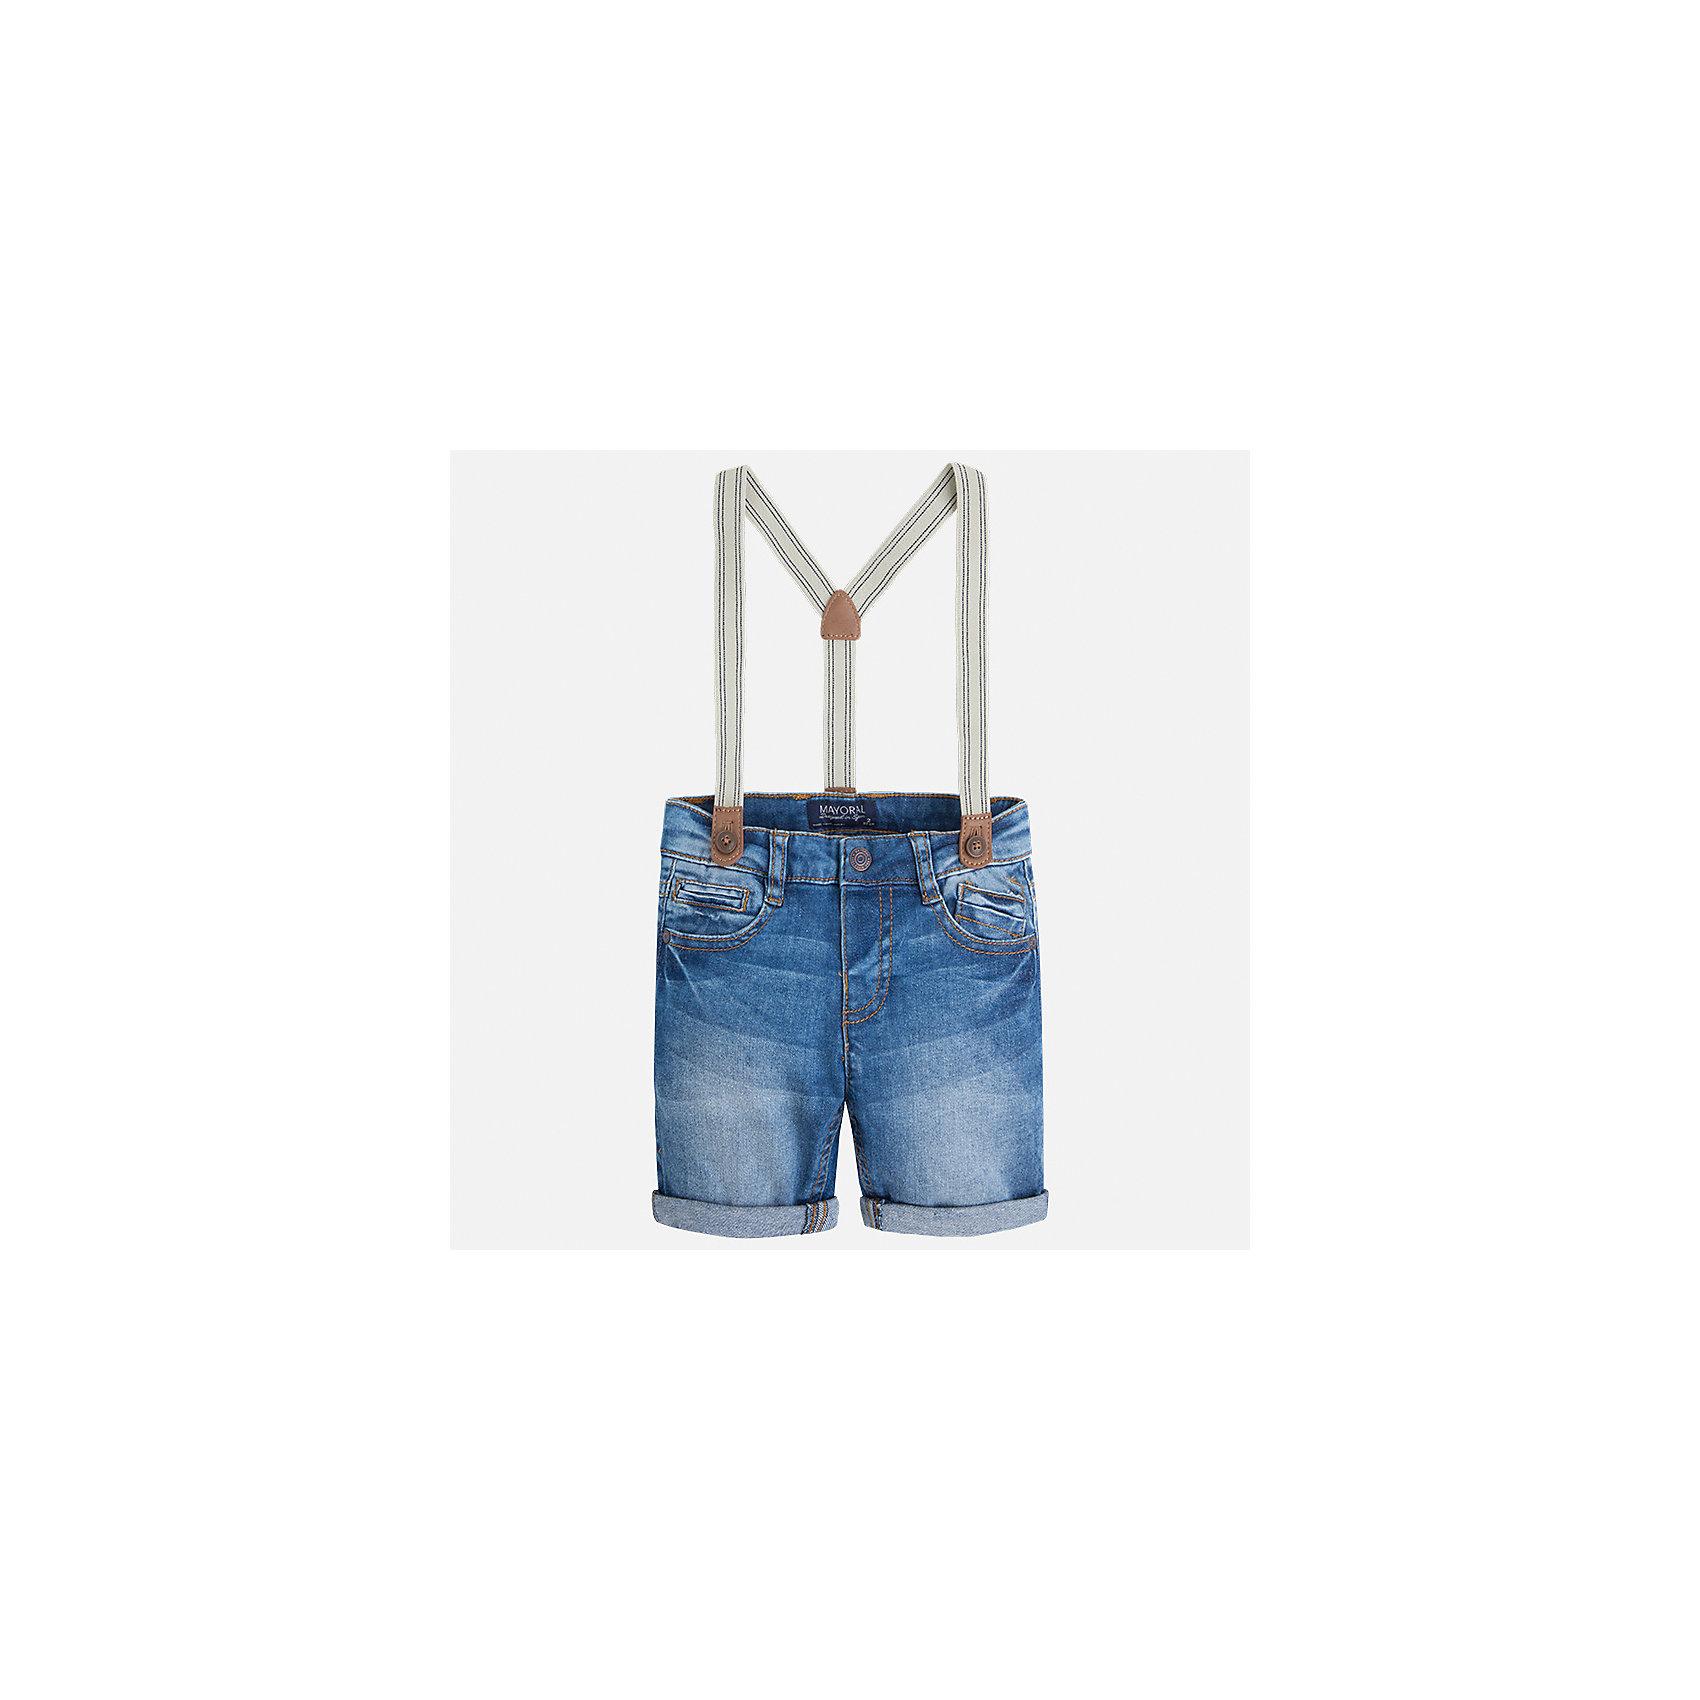 Бриджи джинсовые для мальчика MayoralДжинсовая одежда<br>Характеристики товара:<br><br>• цвет: голубой<br>• состав: 98% хлопок, 2% эластан<br>• шлевки<br>• карманы<br>• пояс с регулировкой объема<br>• подтяжки в комплекте<br>• страна бренда: Испания<br><br>Стильные удобные бриджи для мальчика смогут стать базовой вещью в гардеробе ребенка. Они отлично сочетаются с майками, футболками, рубашками и т.д. Универсальный крой и цвет позволяет подобрать к вещи верх разных расцветок. Практичное и стильное изделие! В составе материала - натуральный хлопок, гипоаллергенный, приятный на ощупь, дышащий.<br><br>Одежда, обувь и аксессуары от испанского бренда Mayoral полюбились детям и взрослым по всему миру. Модели этой марки - стильные и удобные. Для их производства используются только безопасные, качественные материалы и фурнитура. Порадуйте ребенка модными и красивыми вещами от Mayoral! <br><br>Бриджи для мальчика от испанского бренда Mayoral (Майорал) можно купить в нашем интернет-магазине.<br><br>Ширина мм: 191<br>Глубина мм: 10<br>Высота мм: 175<br>Вес г: 273<br>Цвет: голубой<br>Возраст от месяцев: 36<br>Возраст до месяцев: 48<br>Пол: Мужской<br>Возраст: Детский<br>Размер: 104,116,134,110,128,122,98,92<br>SKU: 5272612